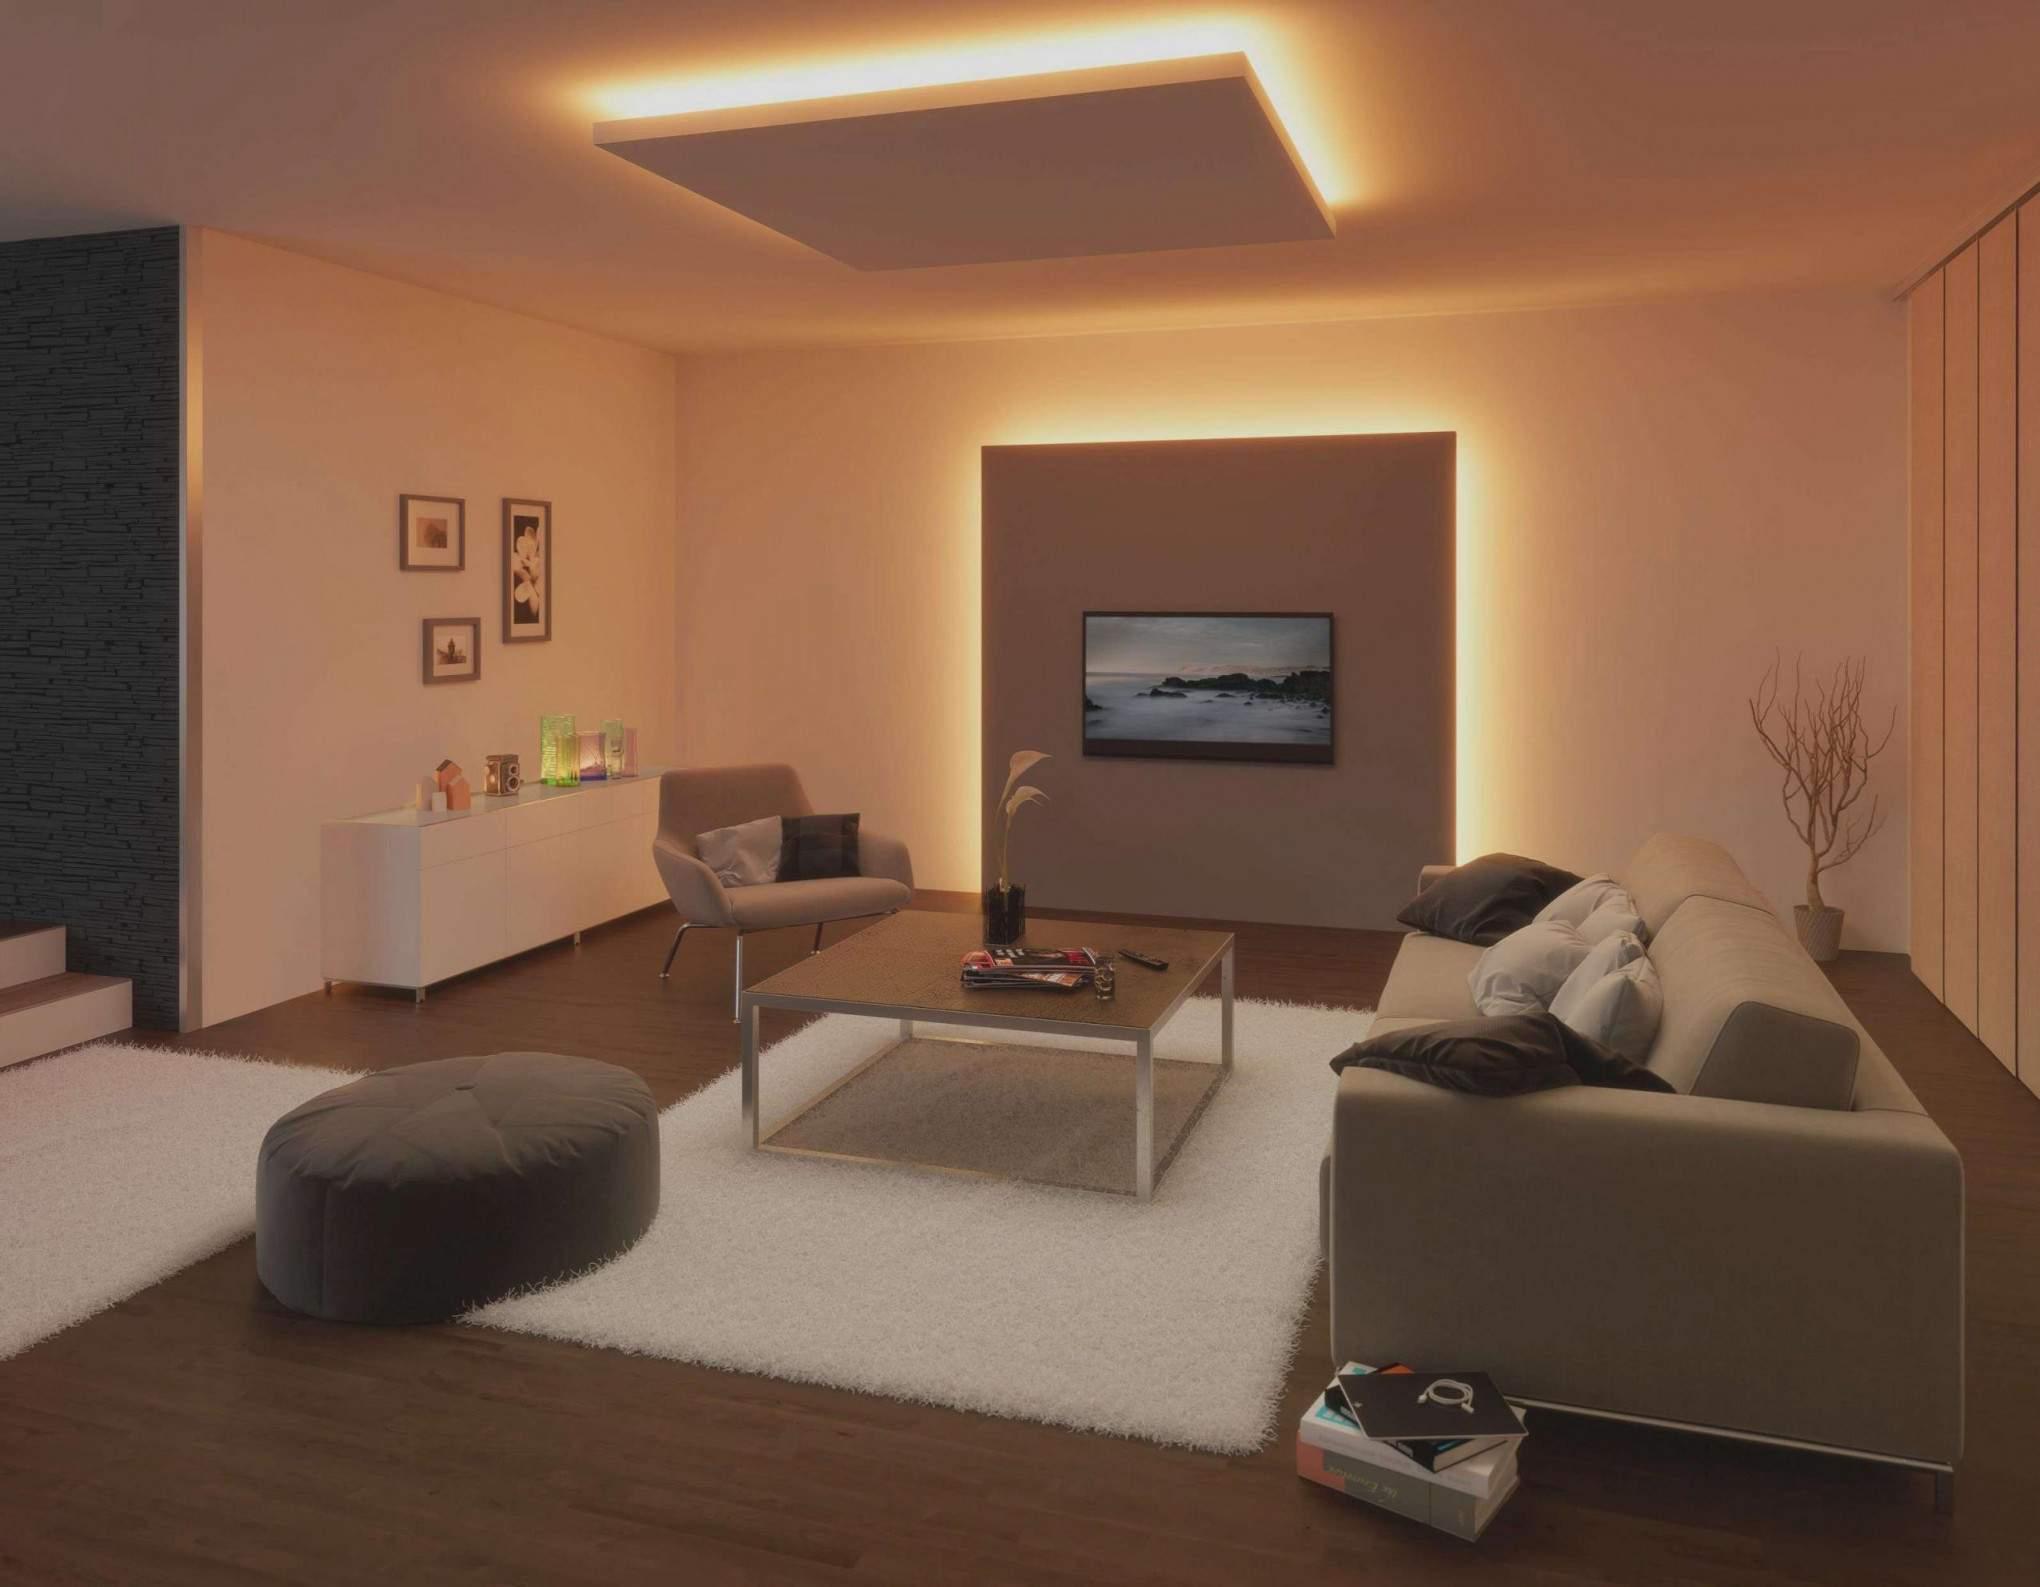 wohnzimmer farbgestaltung neu wohnzimmer wandfarbe reizend dunkelblaue wand wohnzimmer of wohnzimmer farbgestaltung